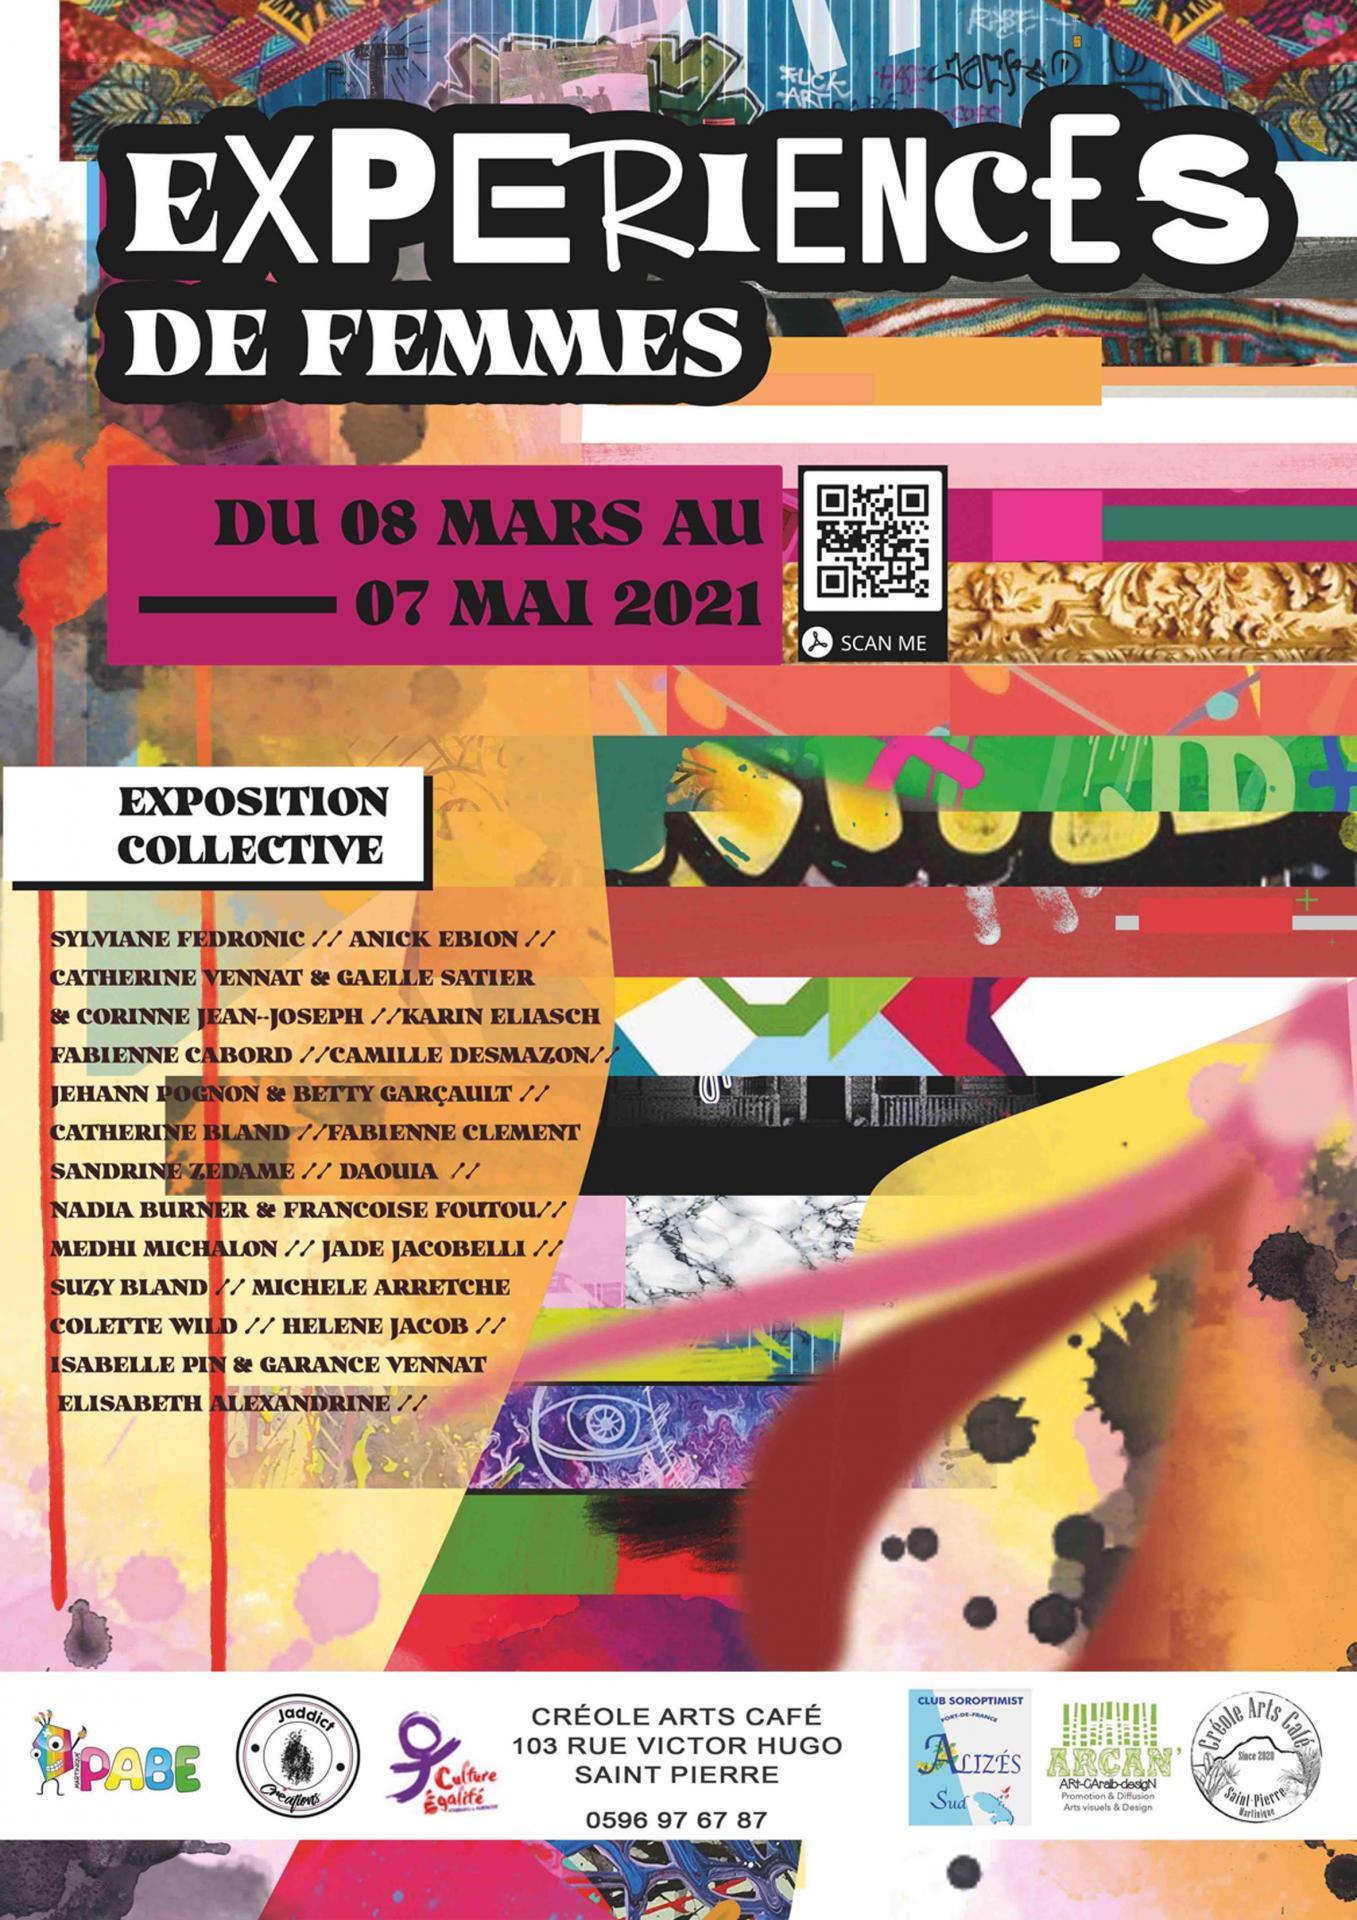 Affiche experience de femmes avec qr code et daouia red